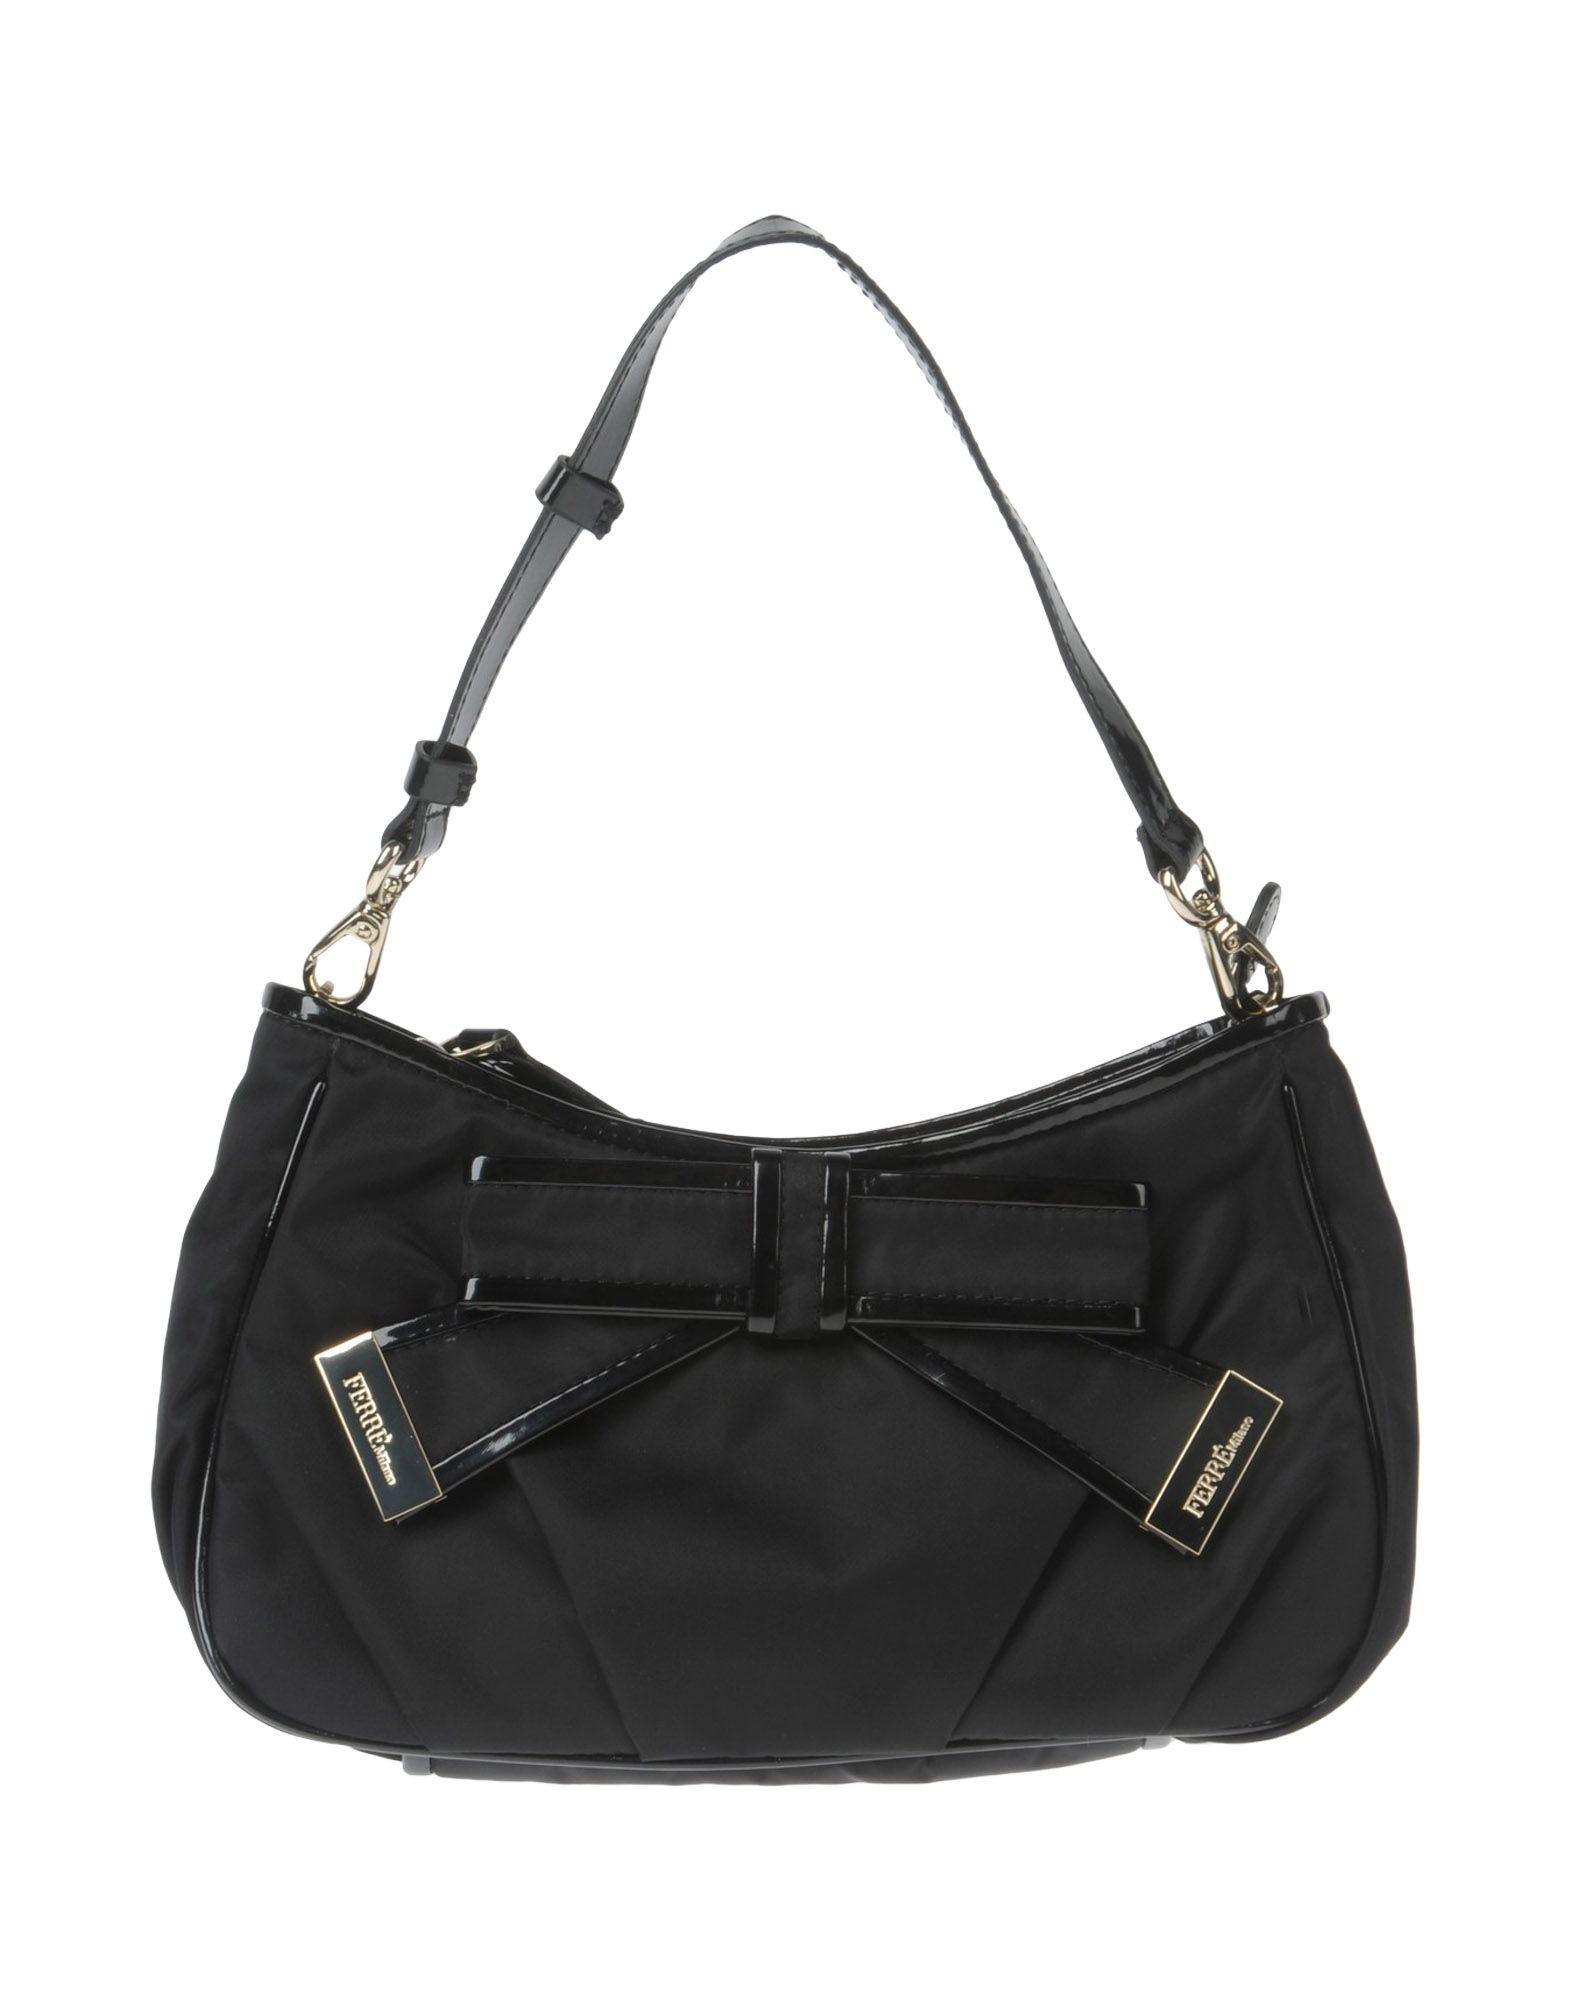 купить FERRE' MILANO Средняя сумка из текстиля по цене 5550 рублей